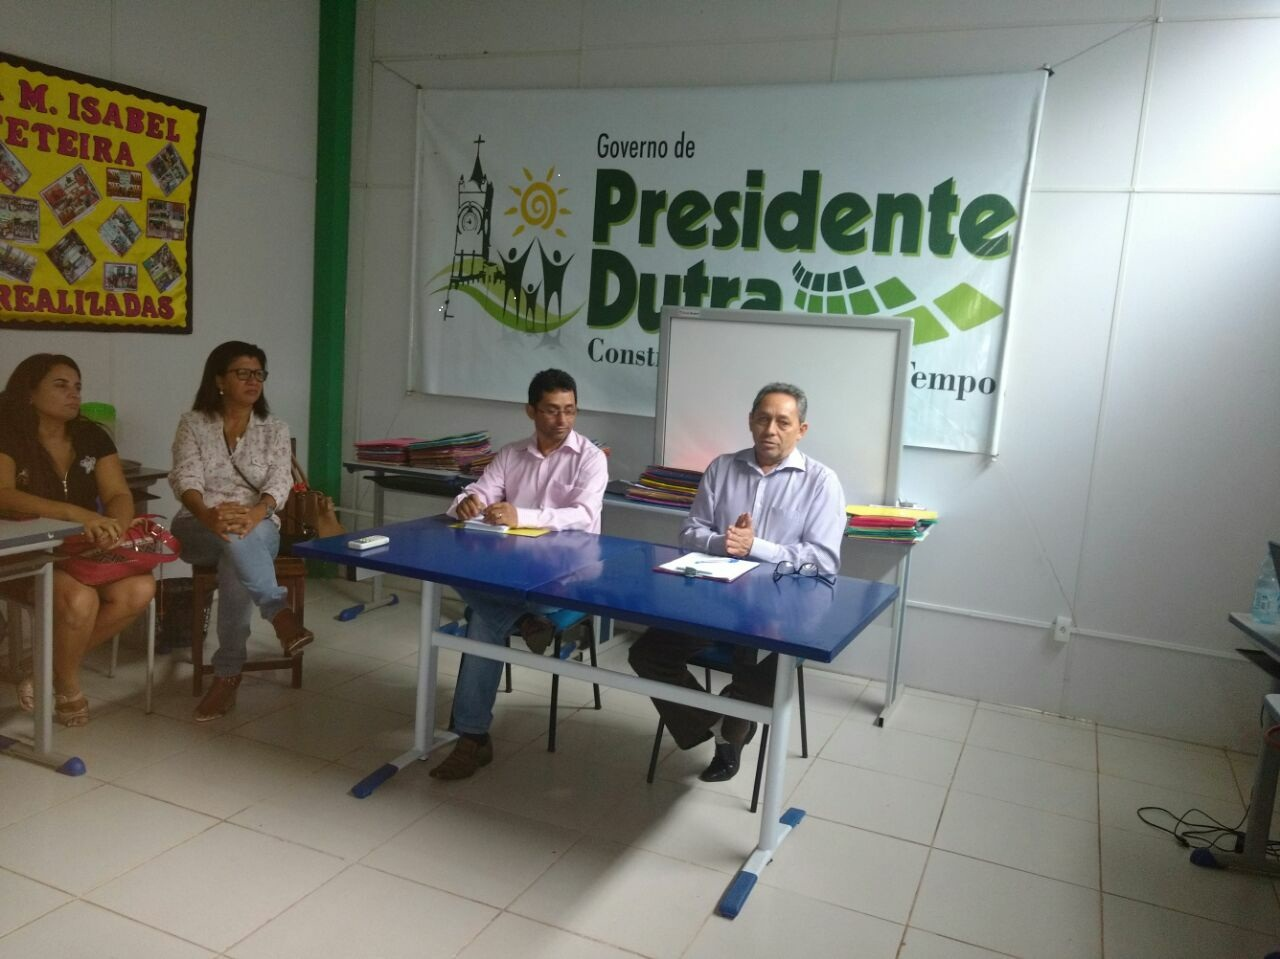 Prefeito Juran Carvalho e o Secretári Jurivaldo na avaliação com Diretores.